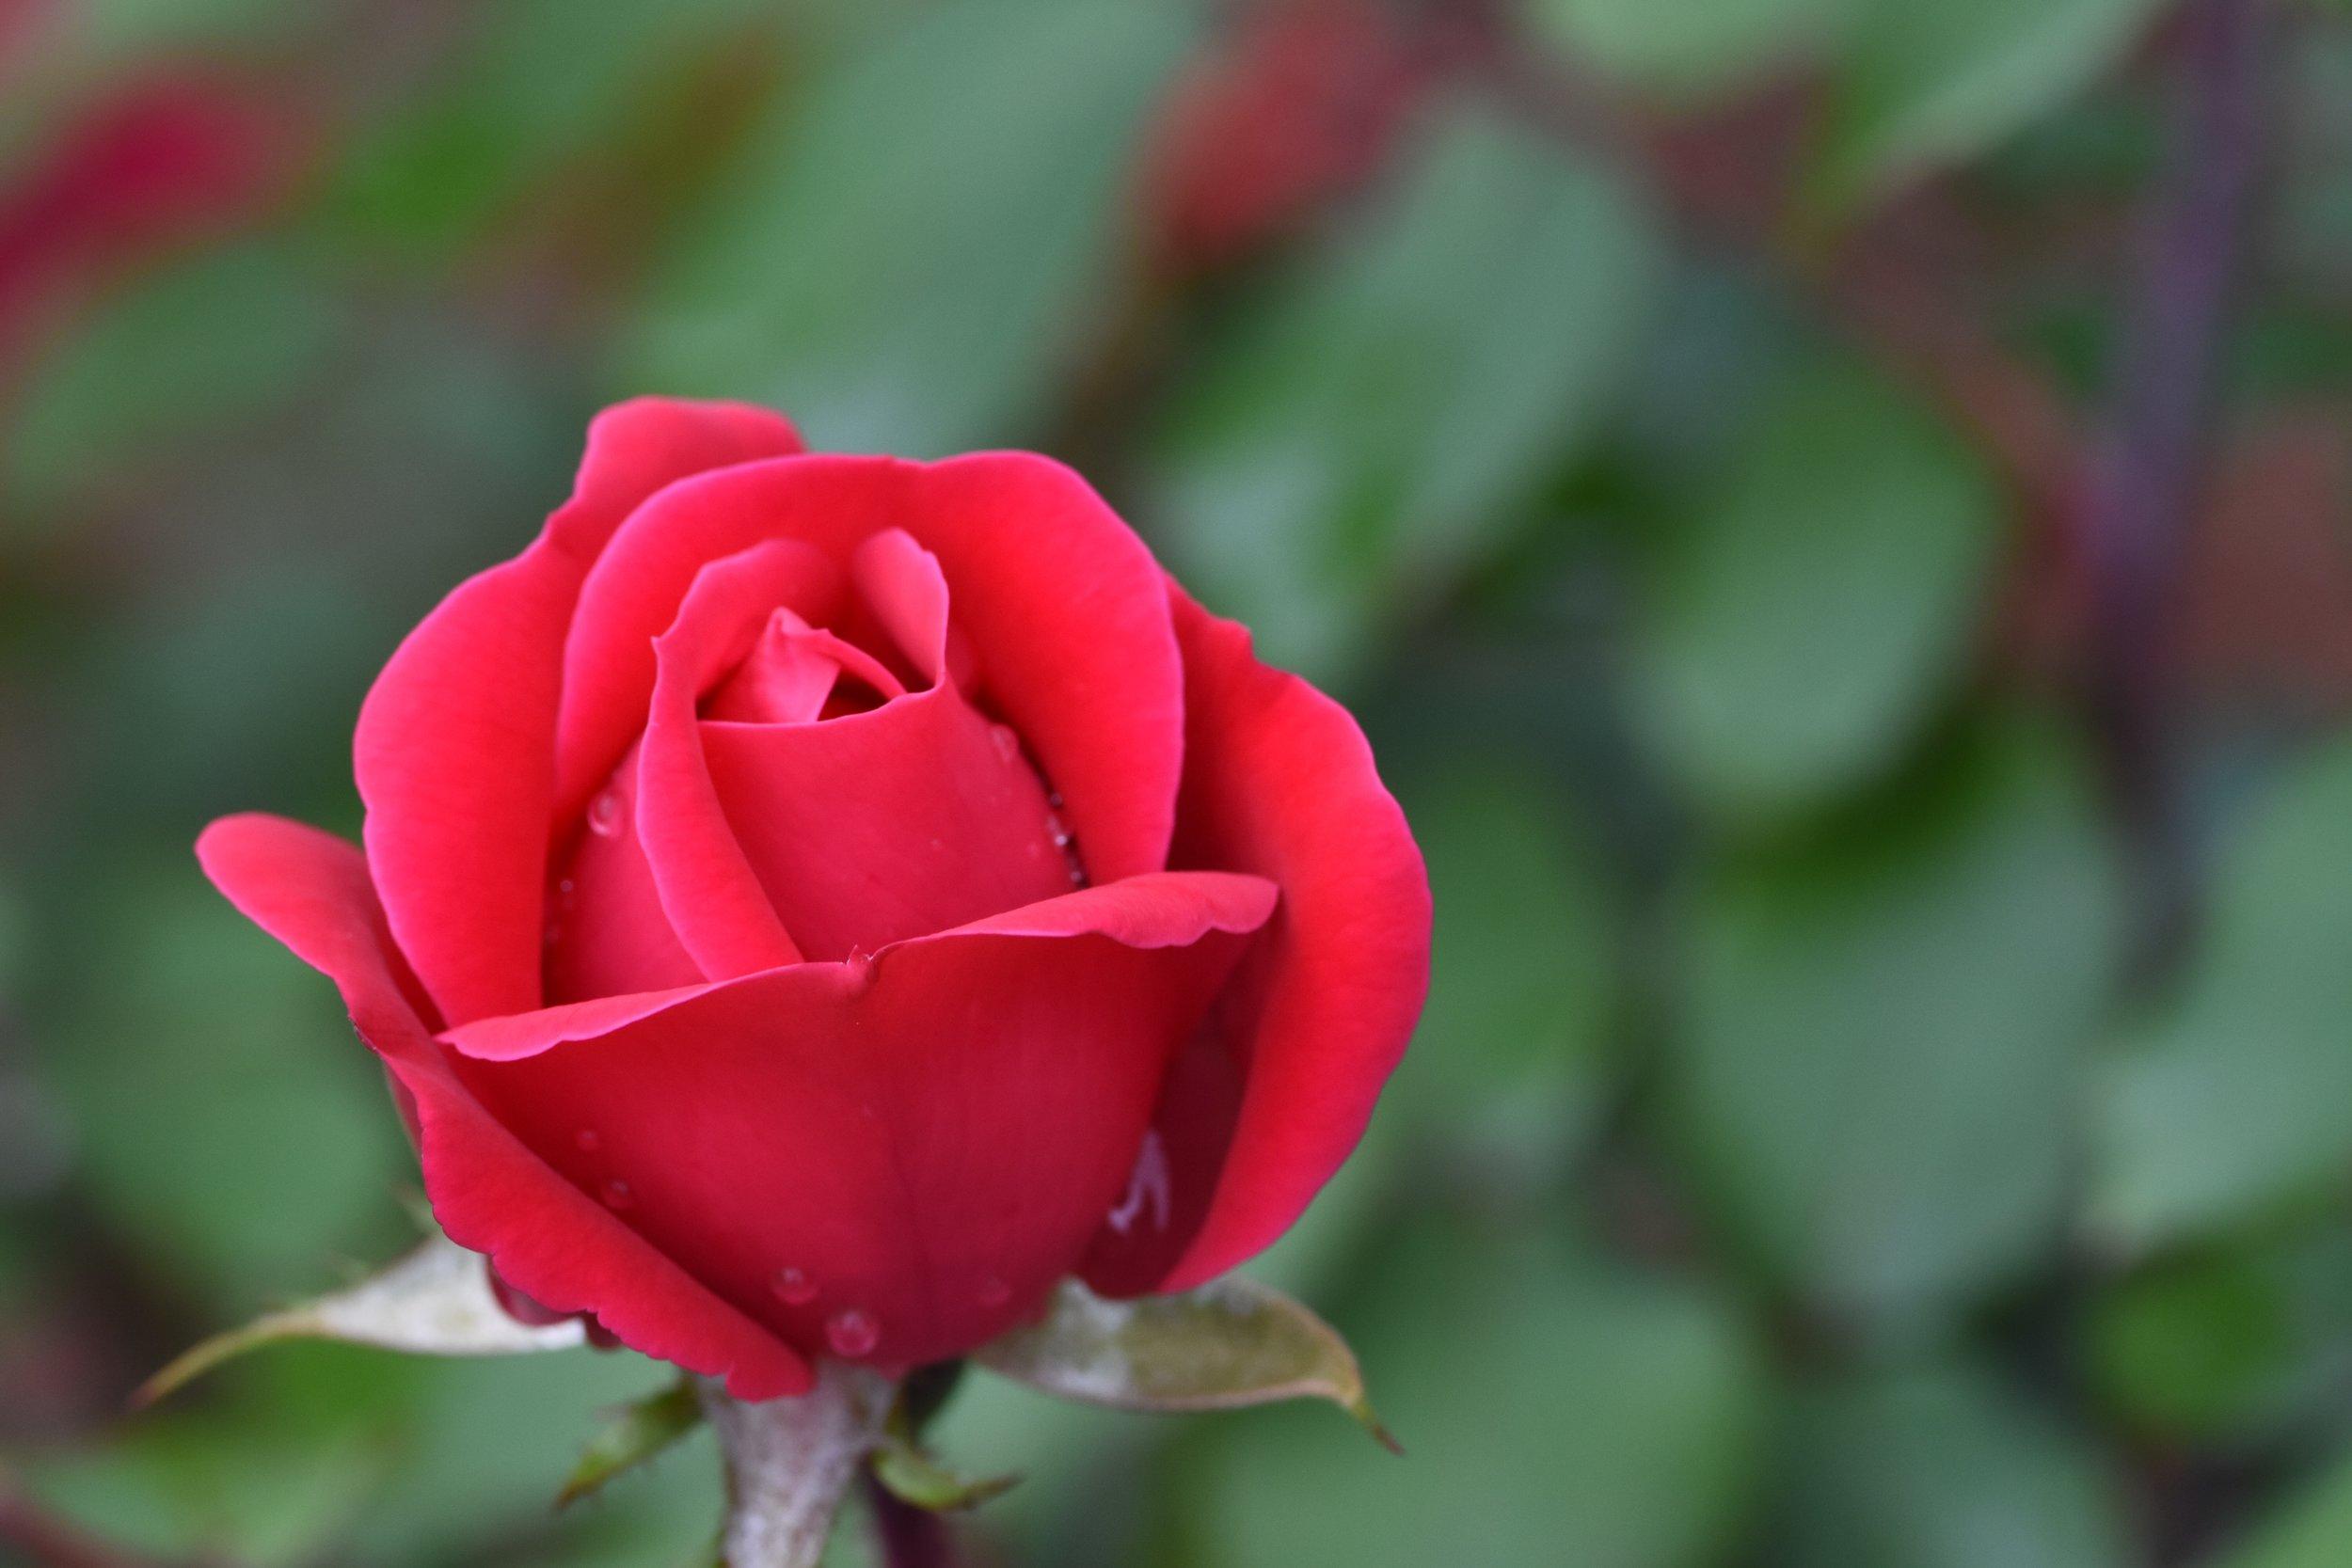 Spring Roses in Bloom